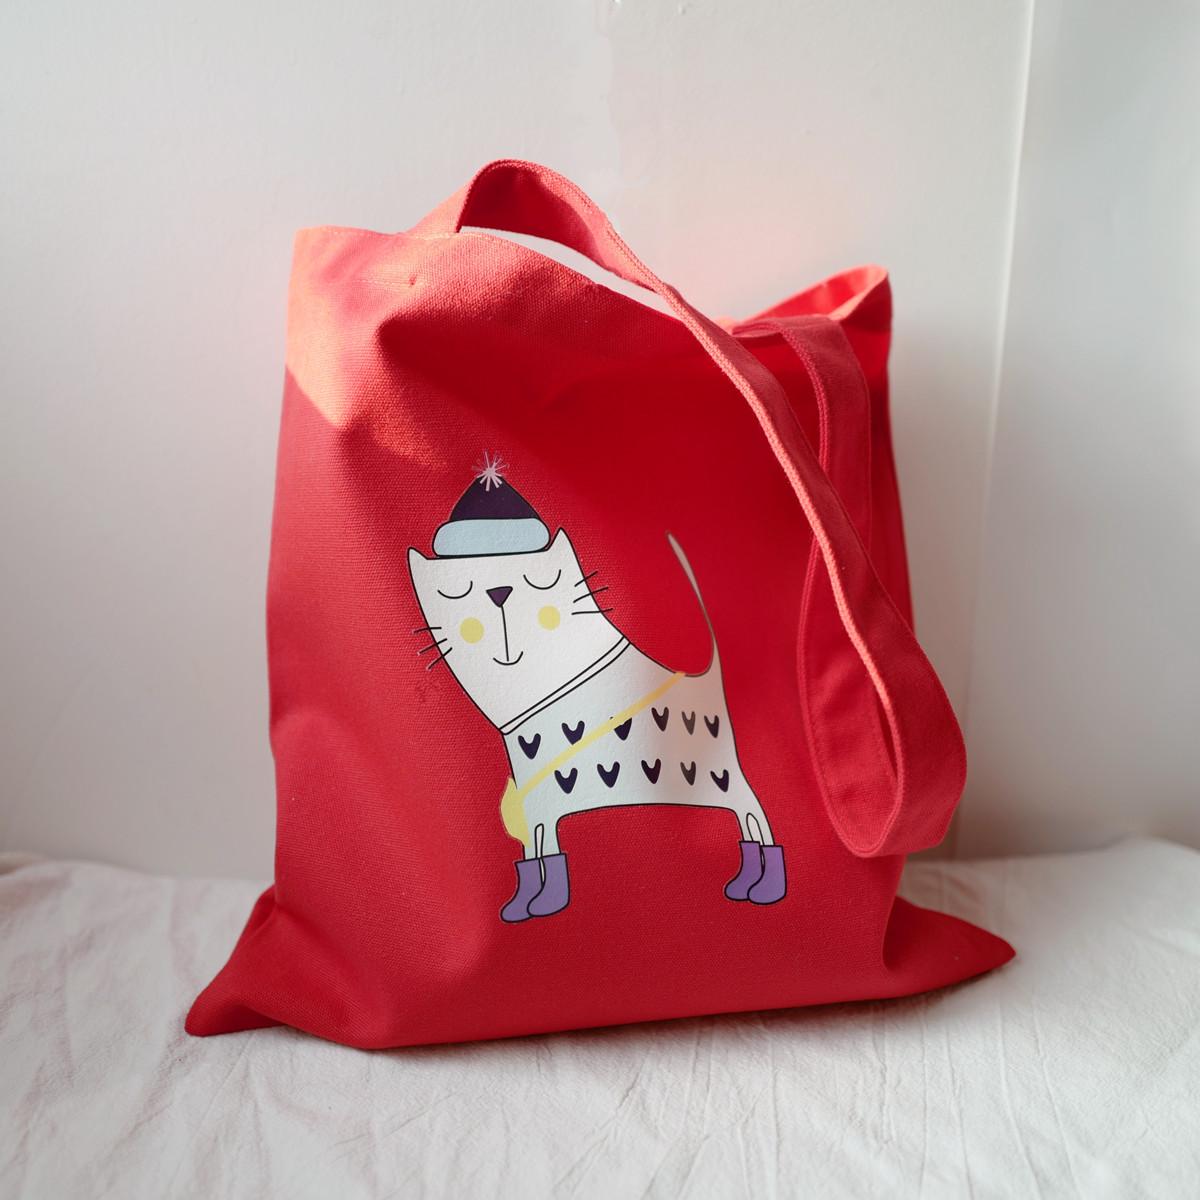 红色帆布包 特价!小巴黎杂货店 简约包包可爱正红色小清新猫咪帆布包 购物袋_推荐淘宝好看的红色帆布包